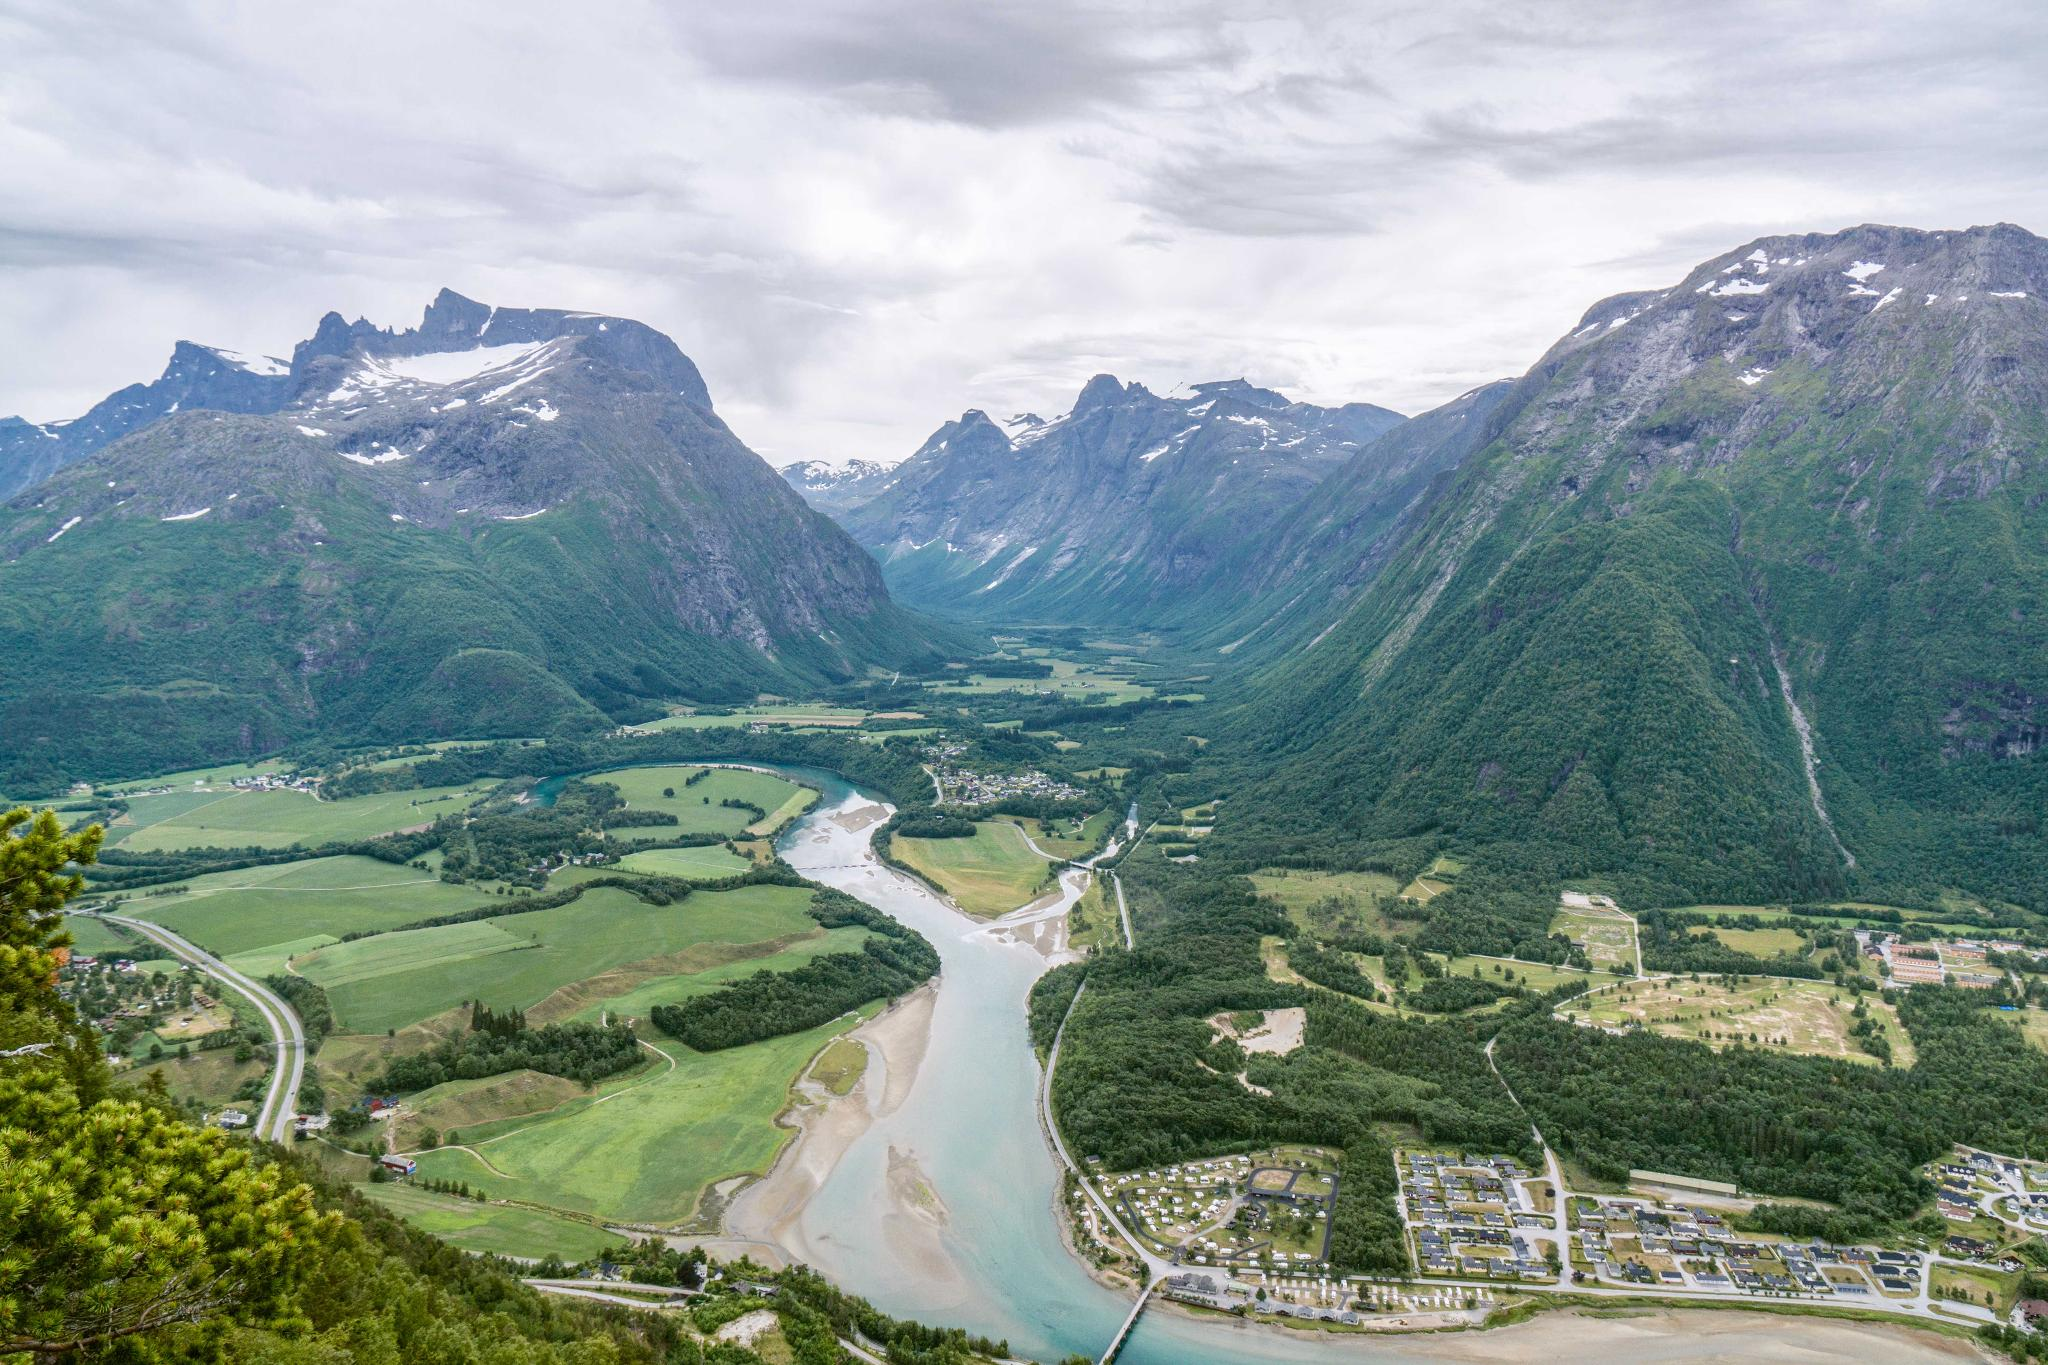 【北歐景點】峽灣區起點Åndalsnes健行 - 鳥瞰峽灣全景的Rampestreken觀景台 34